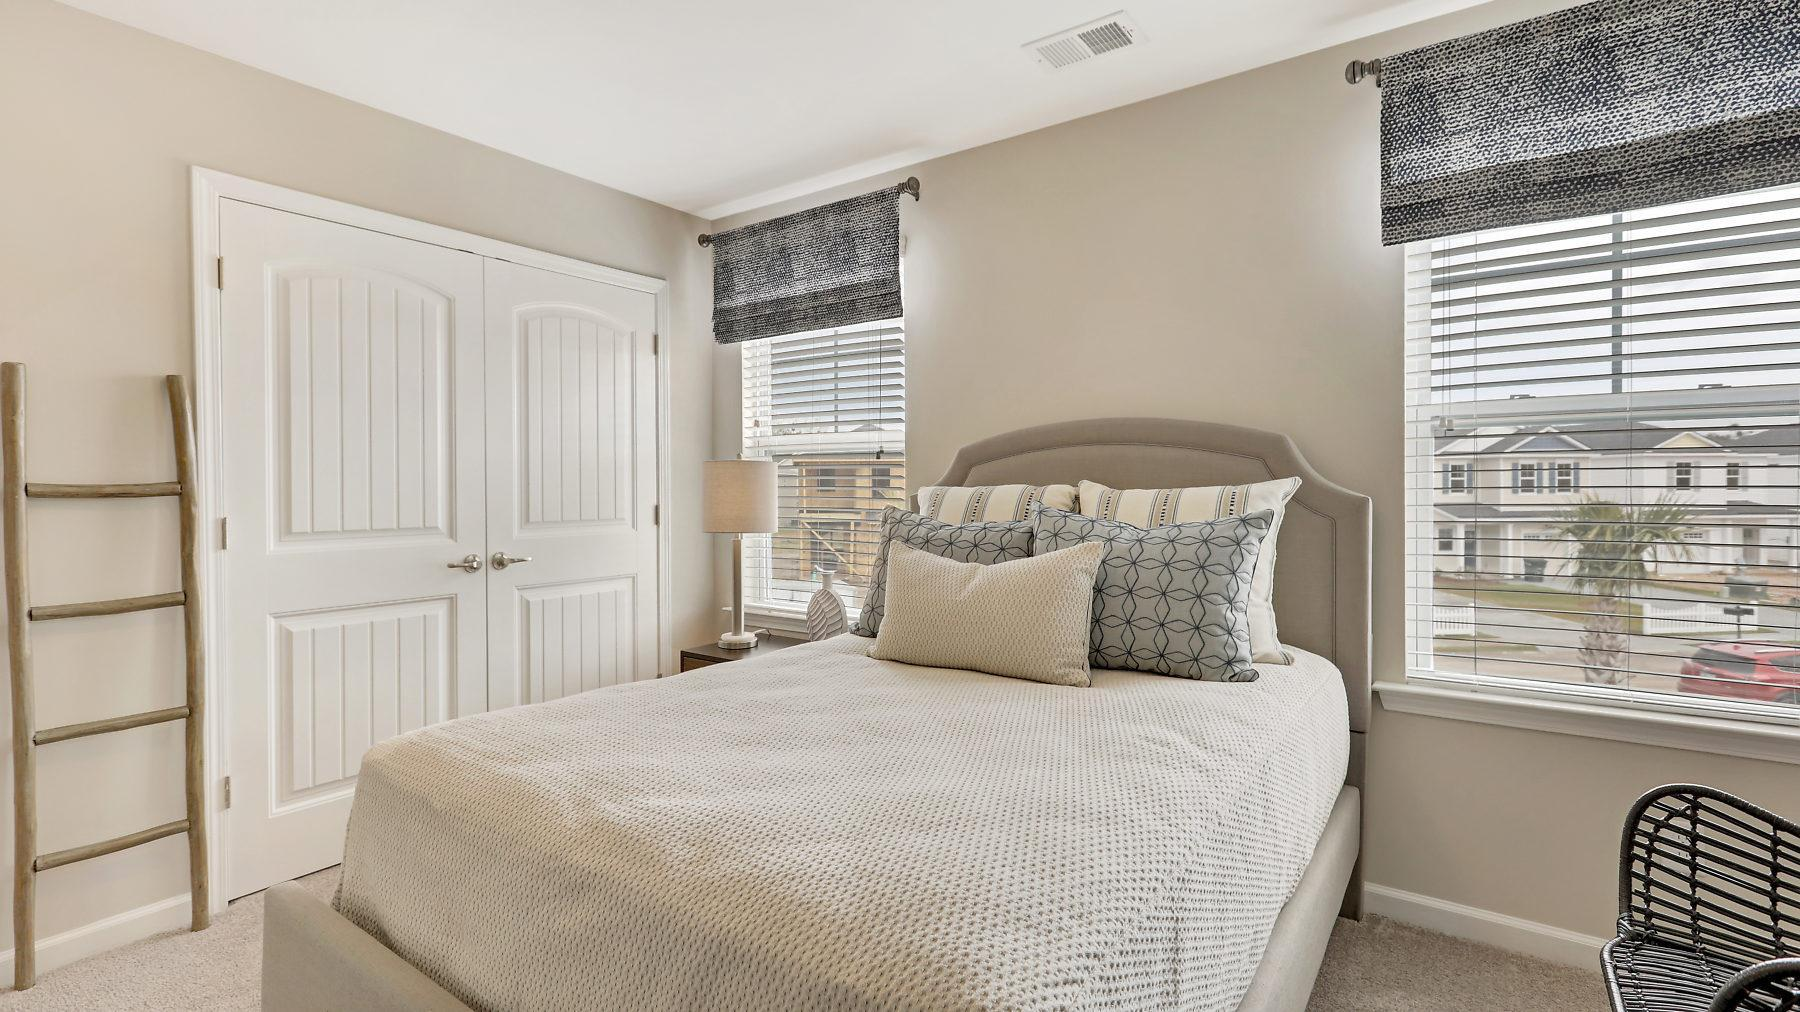 Bedroom featured in the Harborside By Landmark 24 Homes  in Savannah, GA